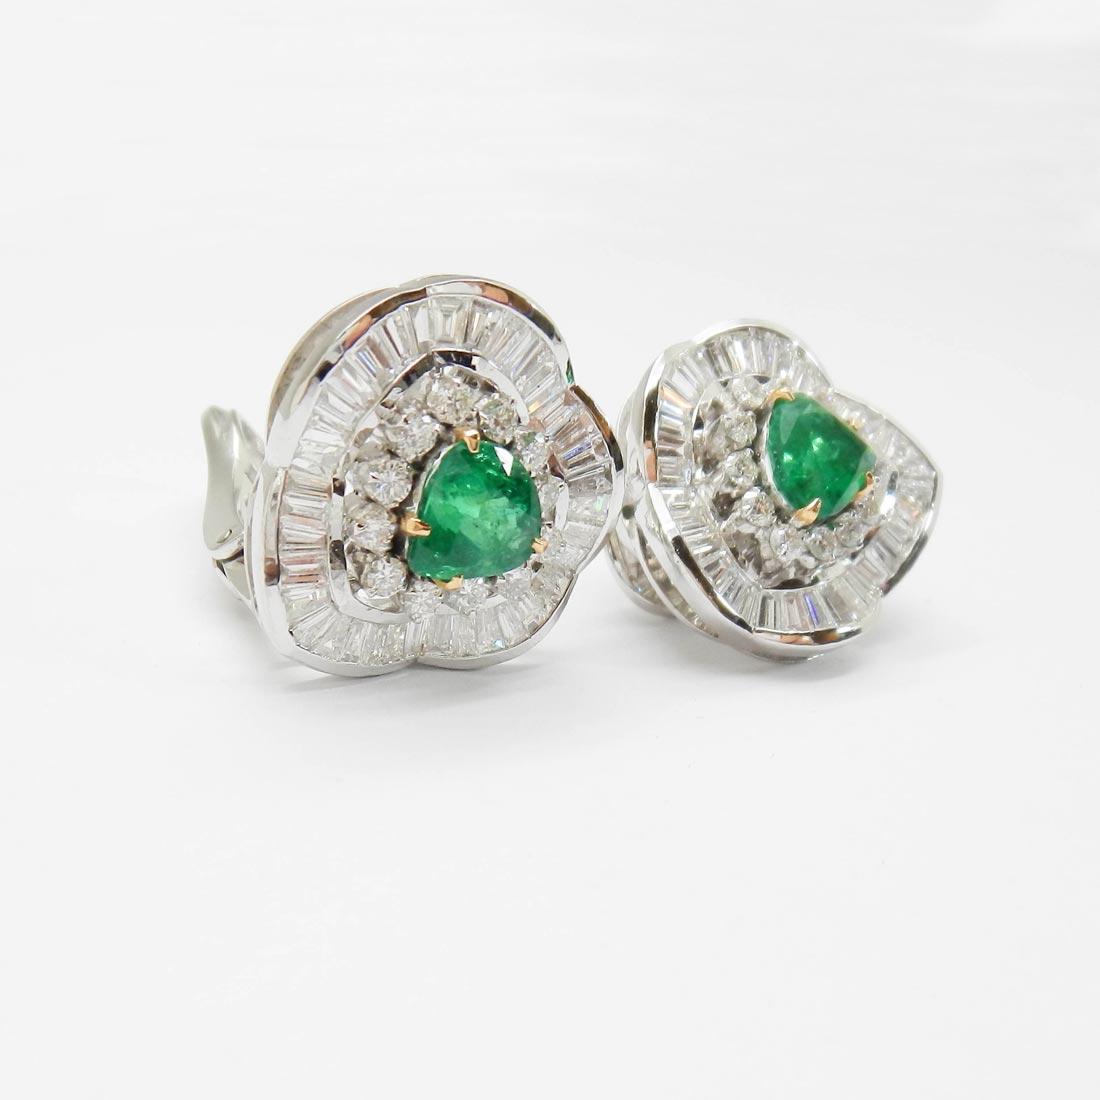 il-marchese-diamonds-diamanti-gioielli-artigianali-orecchini-smeraldo-oro-bianco-3